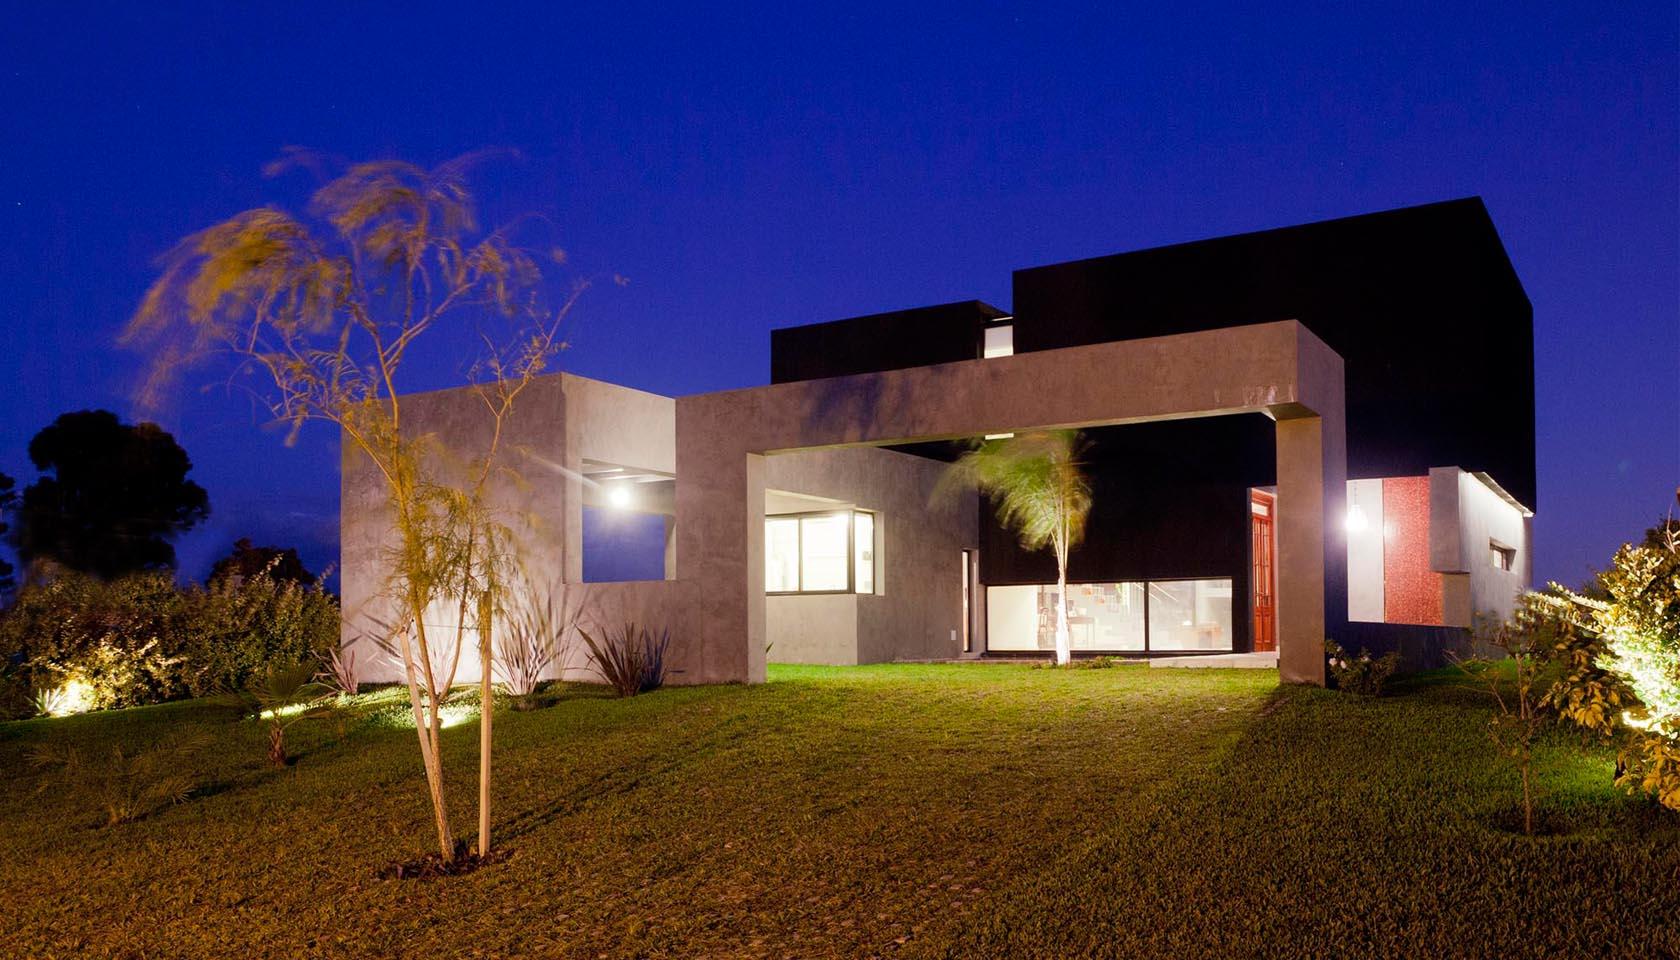 casas con grandes jardines, casas mágicas, patios interiores